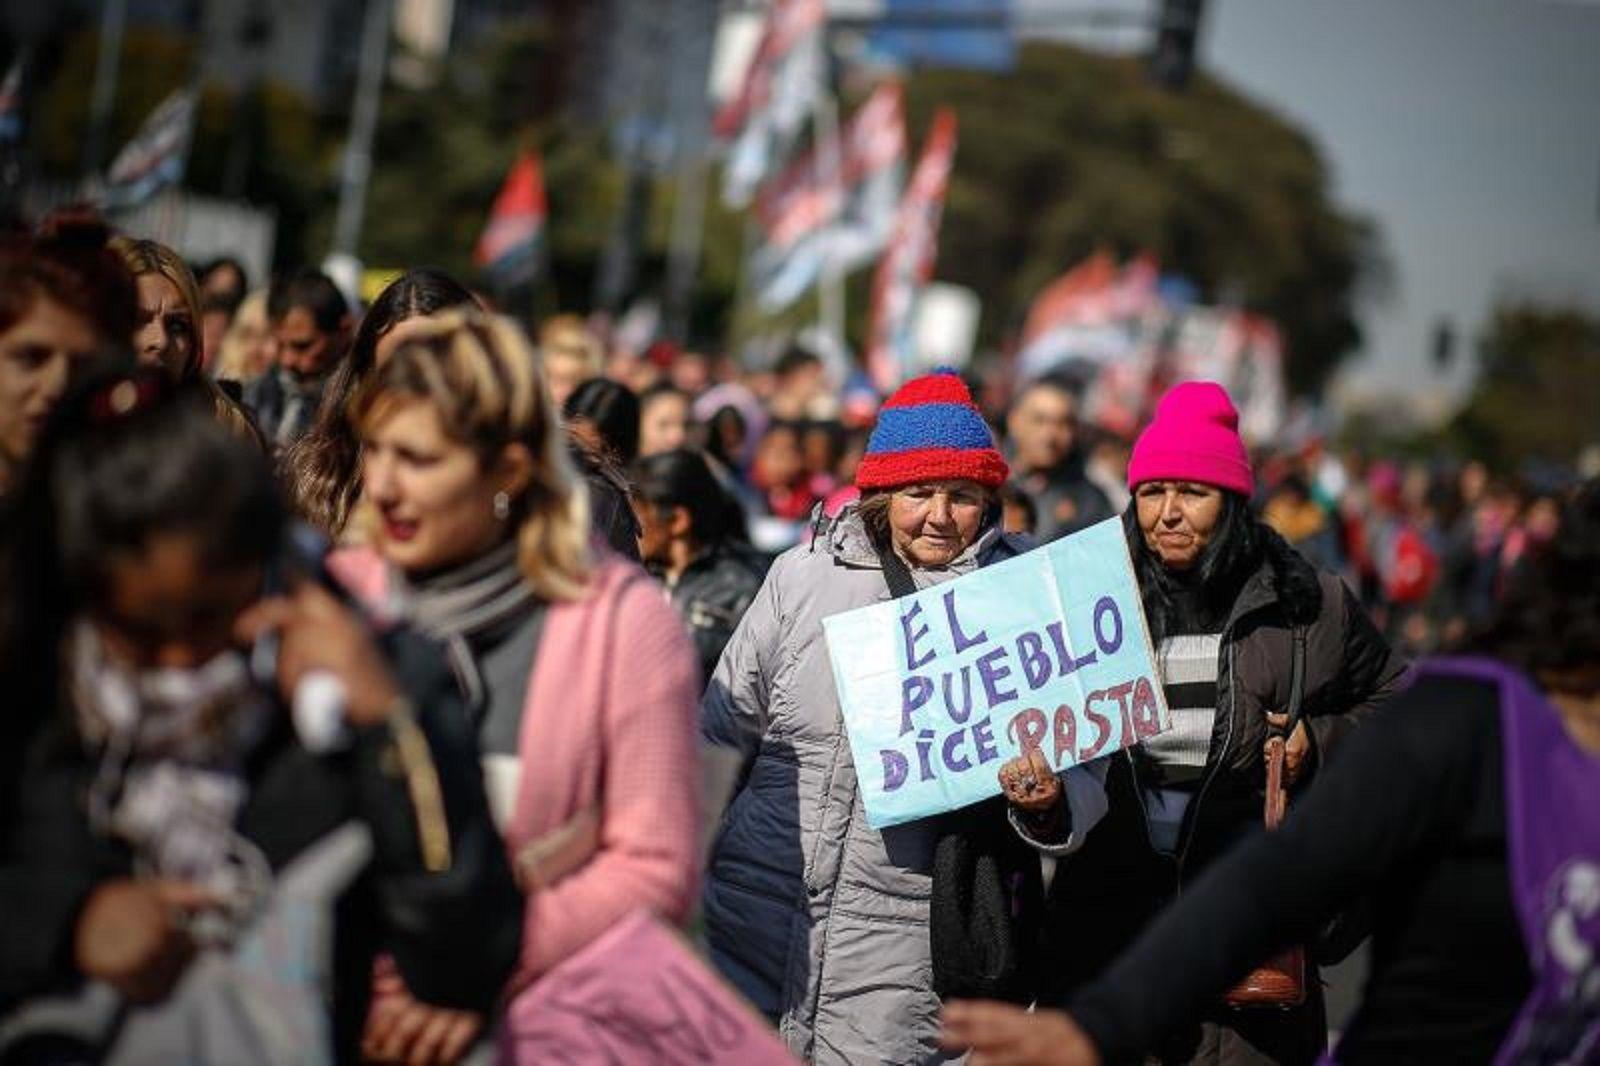 La gente marcha ante la crisis en Argentina. Foto: EFE